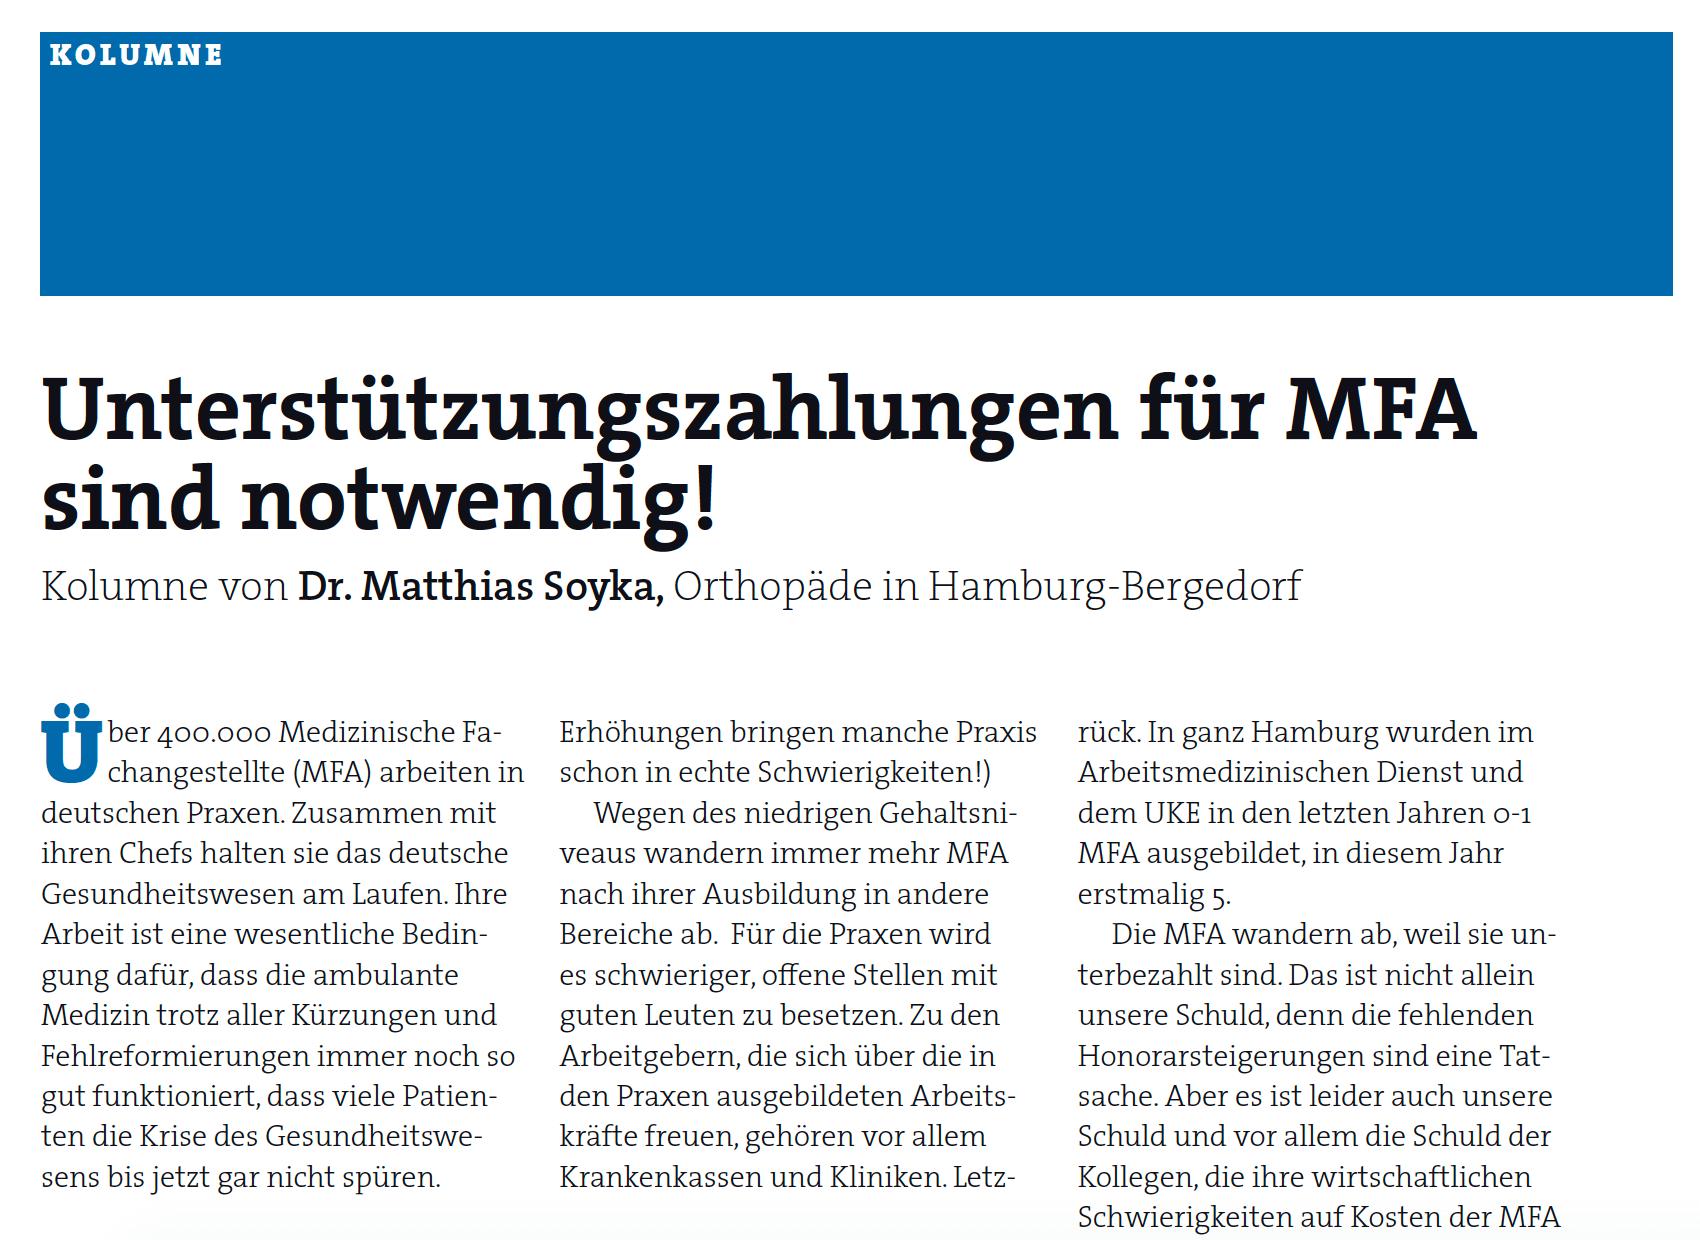 Unterstützungszahlungen für MFA sind notwendig!